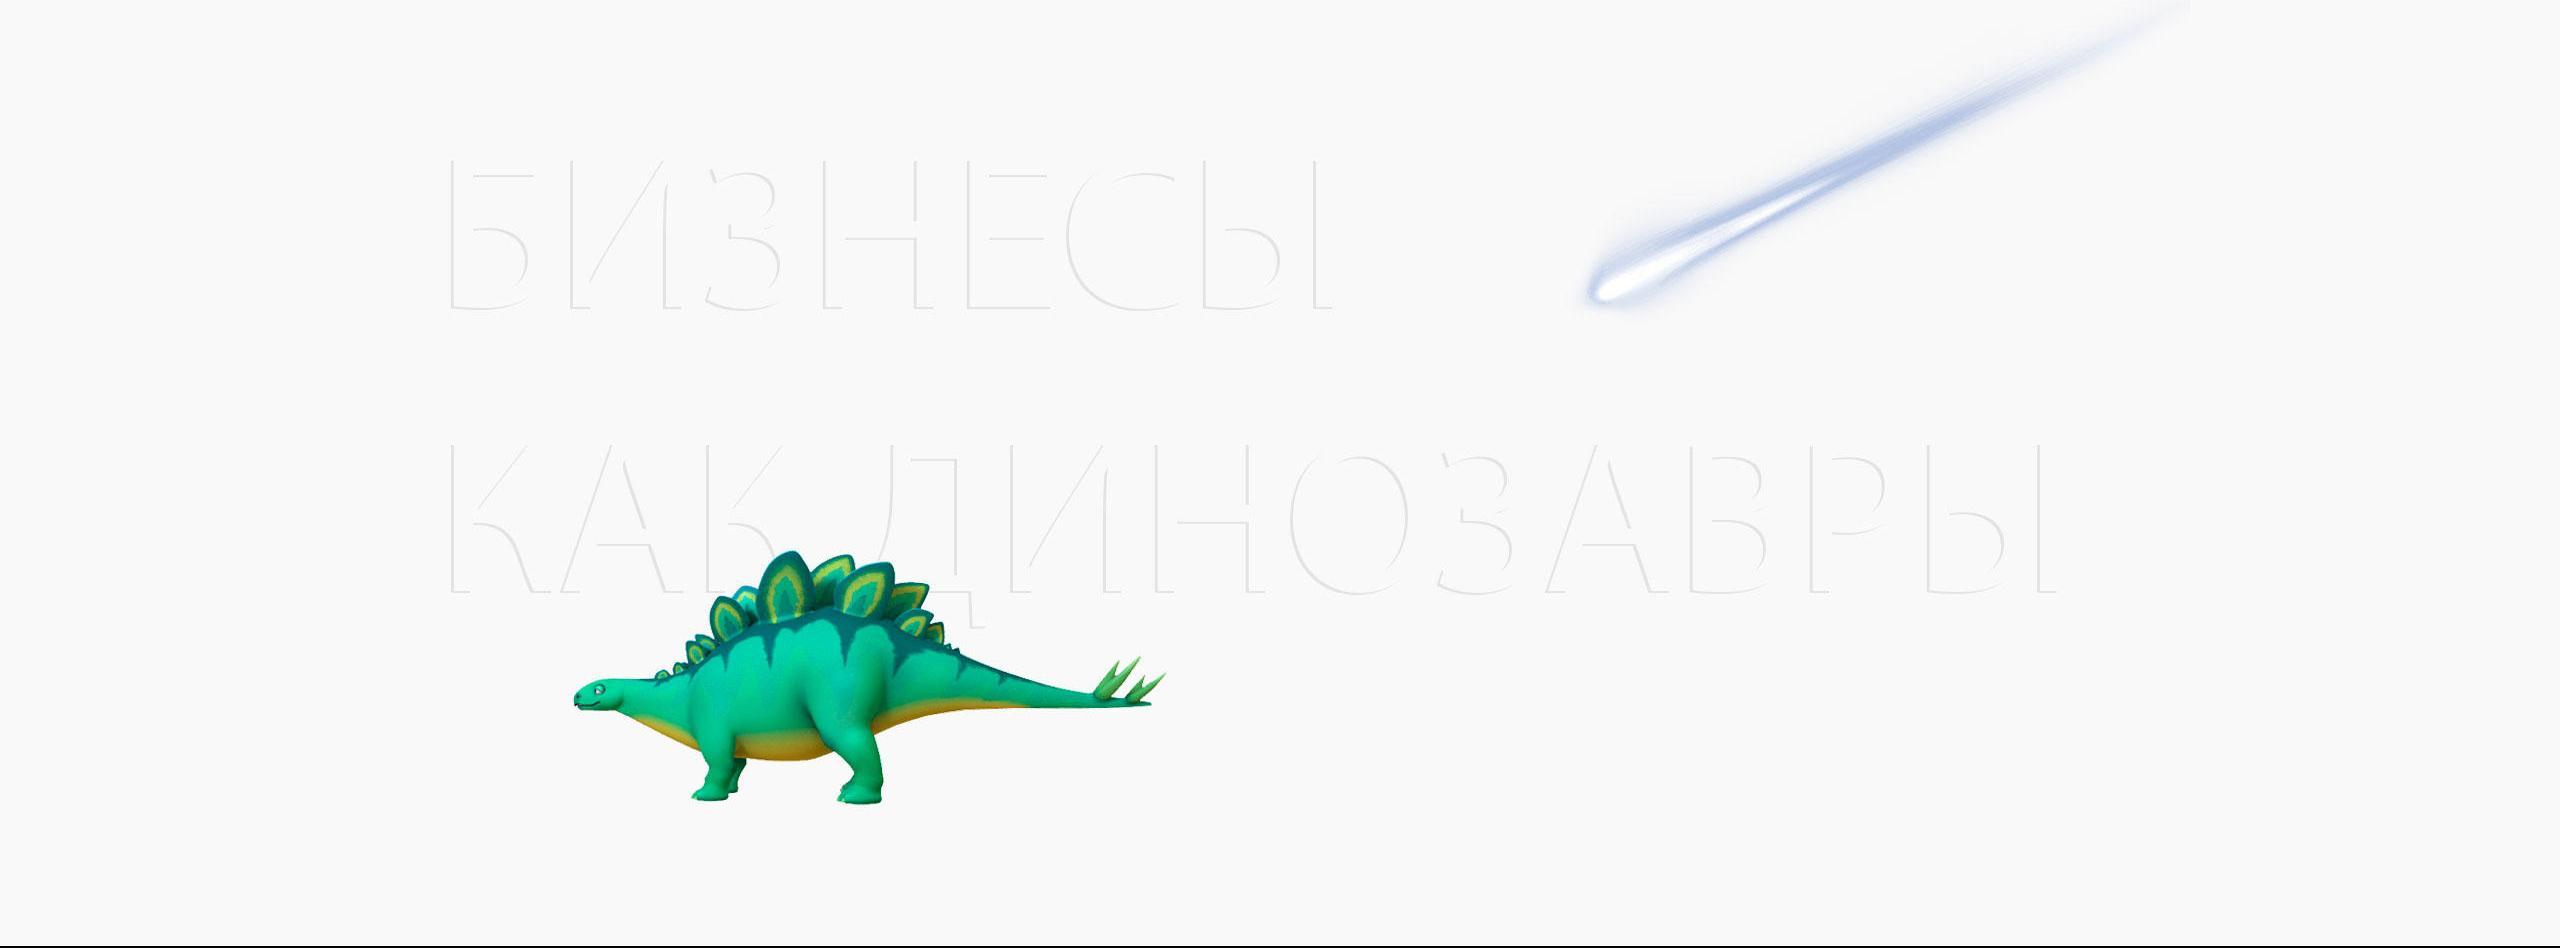 Бизнесы как динозавры — стартапы как кометы